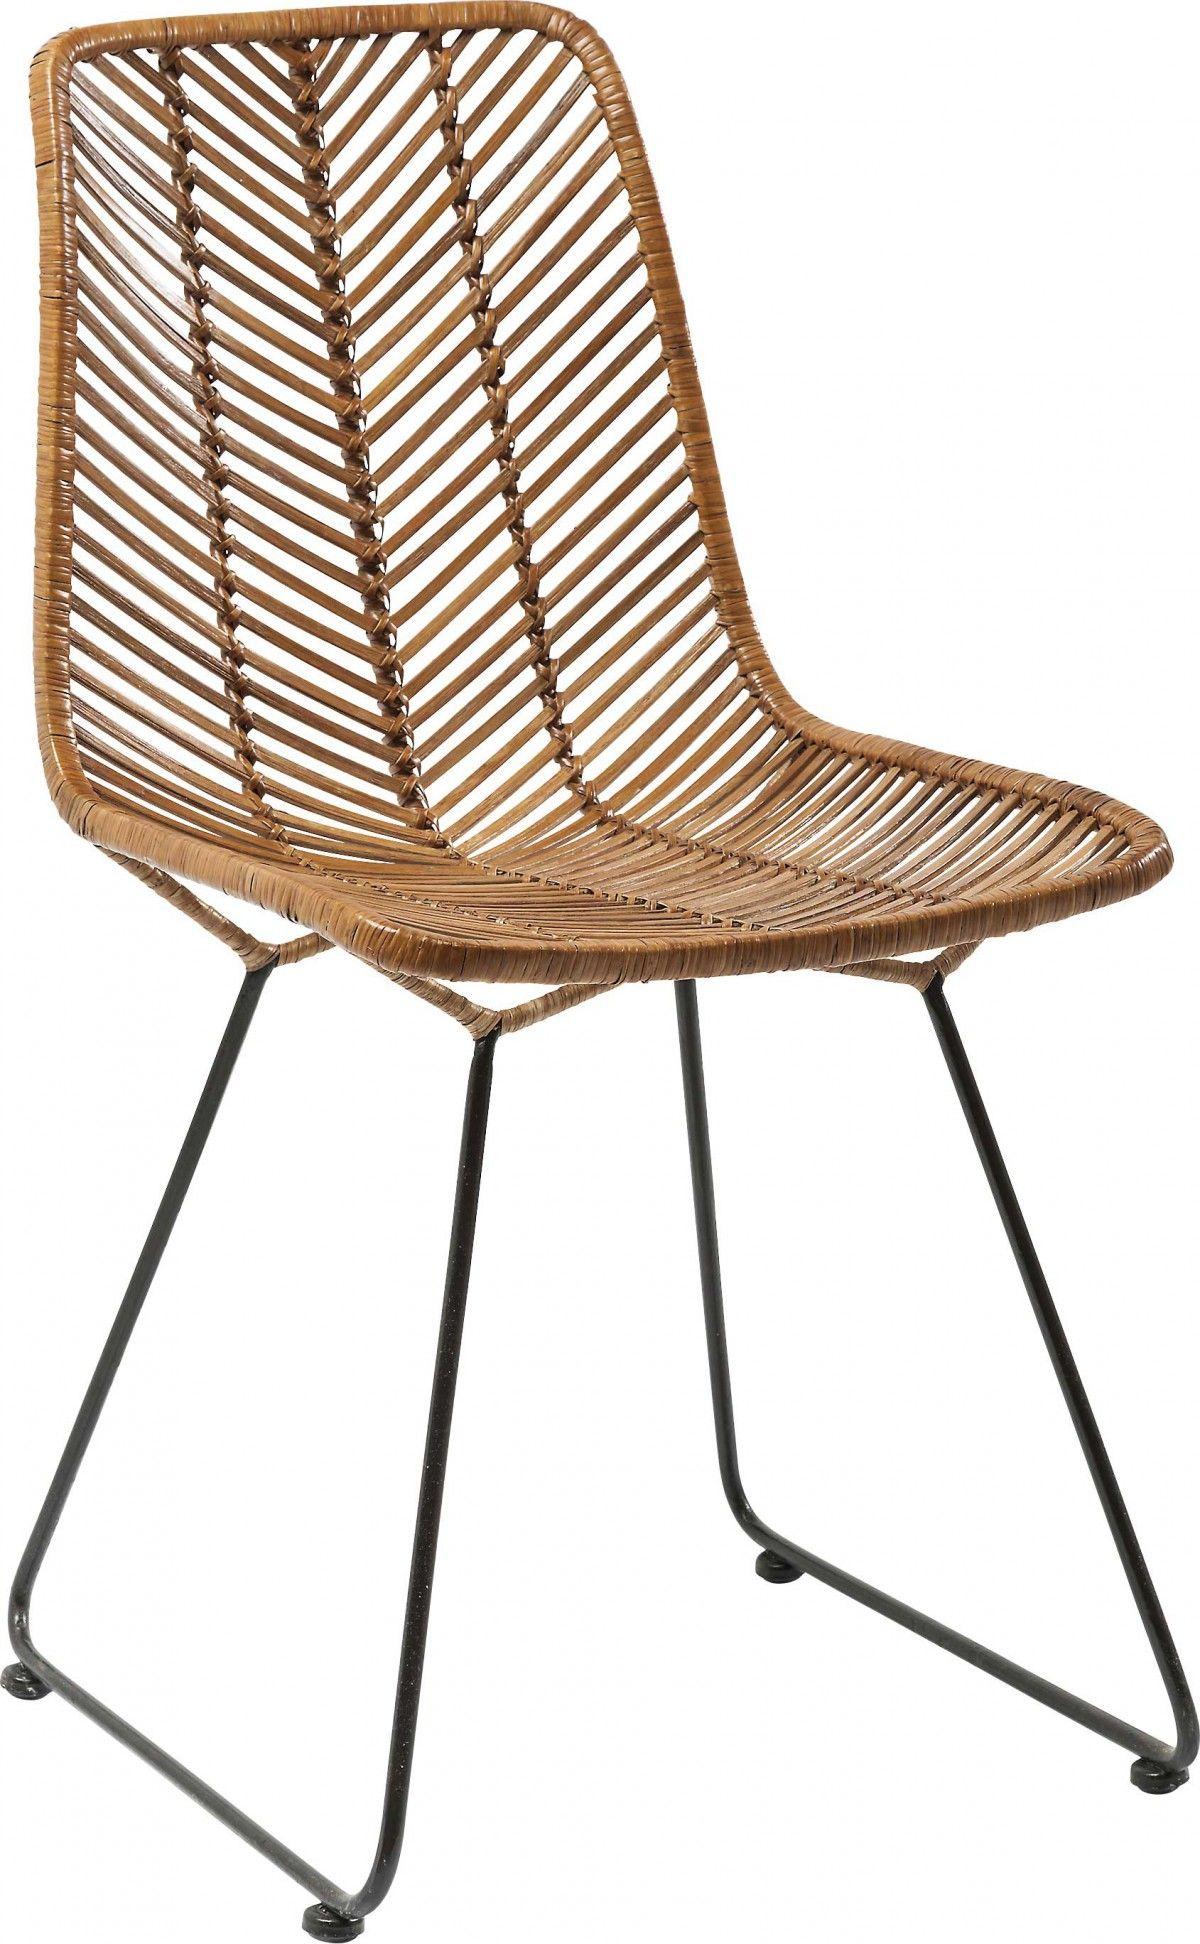 KARE Design - Stühle -Stuhl Ko Lanta - versandkostenfrei jetzt bei ...